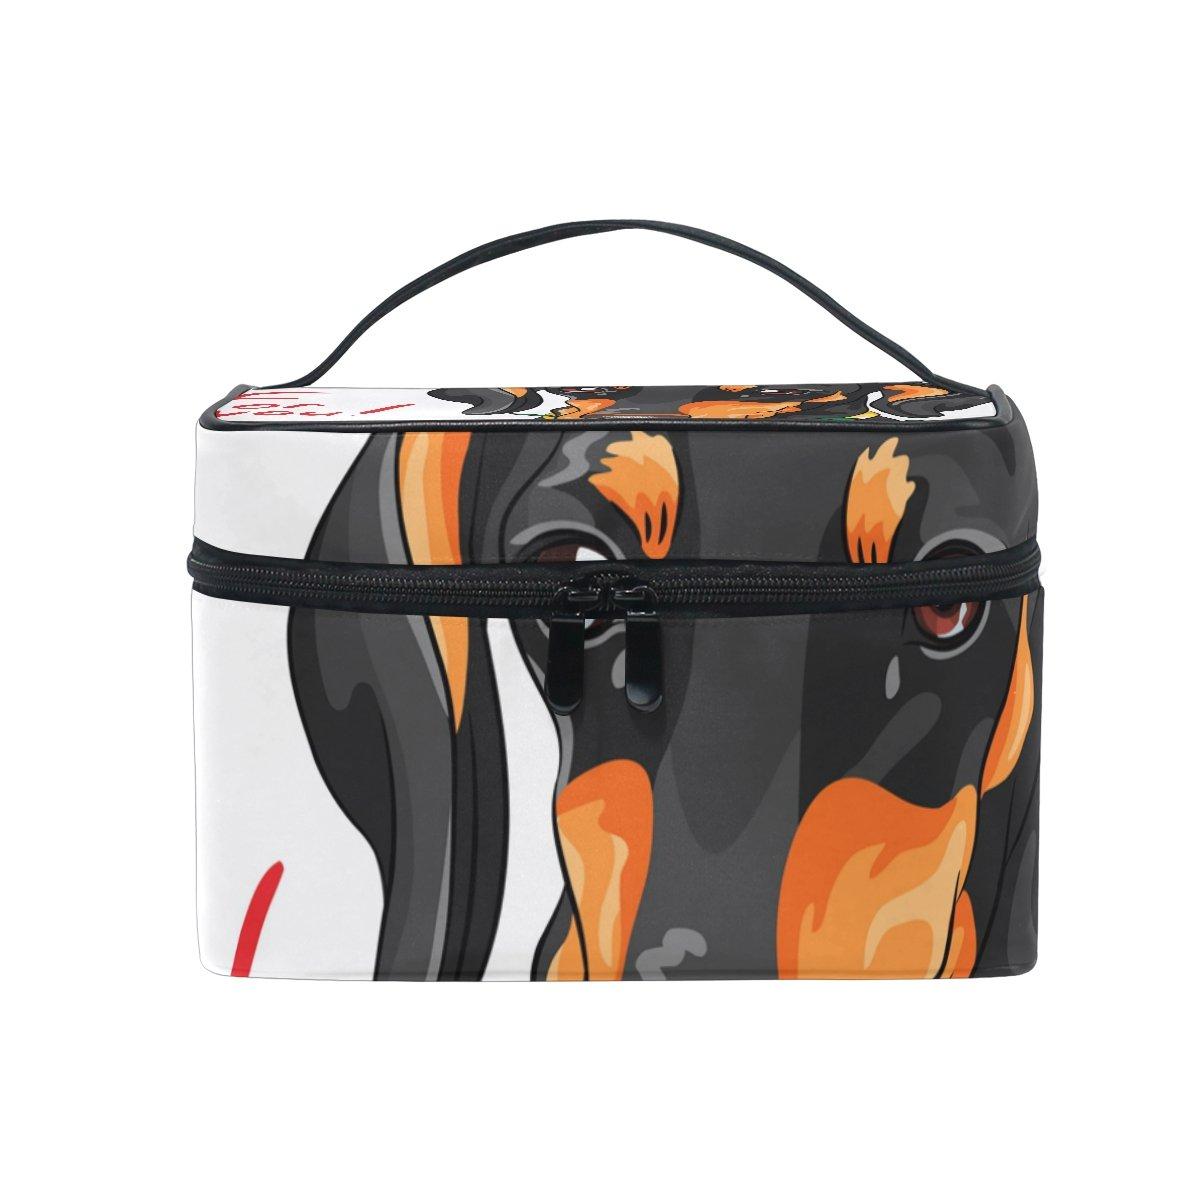 COOSUN Cane bassotto con Rosa rossa Cosmetic Bag Canvas Viaggi toilette Bag maniglia superiore solo strato di trucco dell'organizzatore del sacchetto del multi-funzione per caso cosmetico Grande Mul